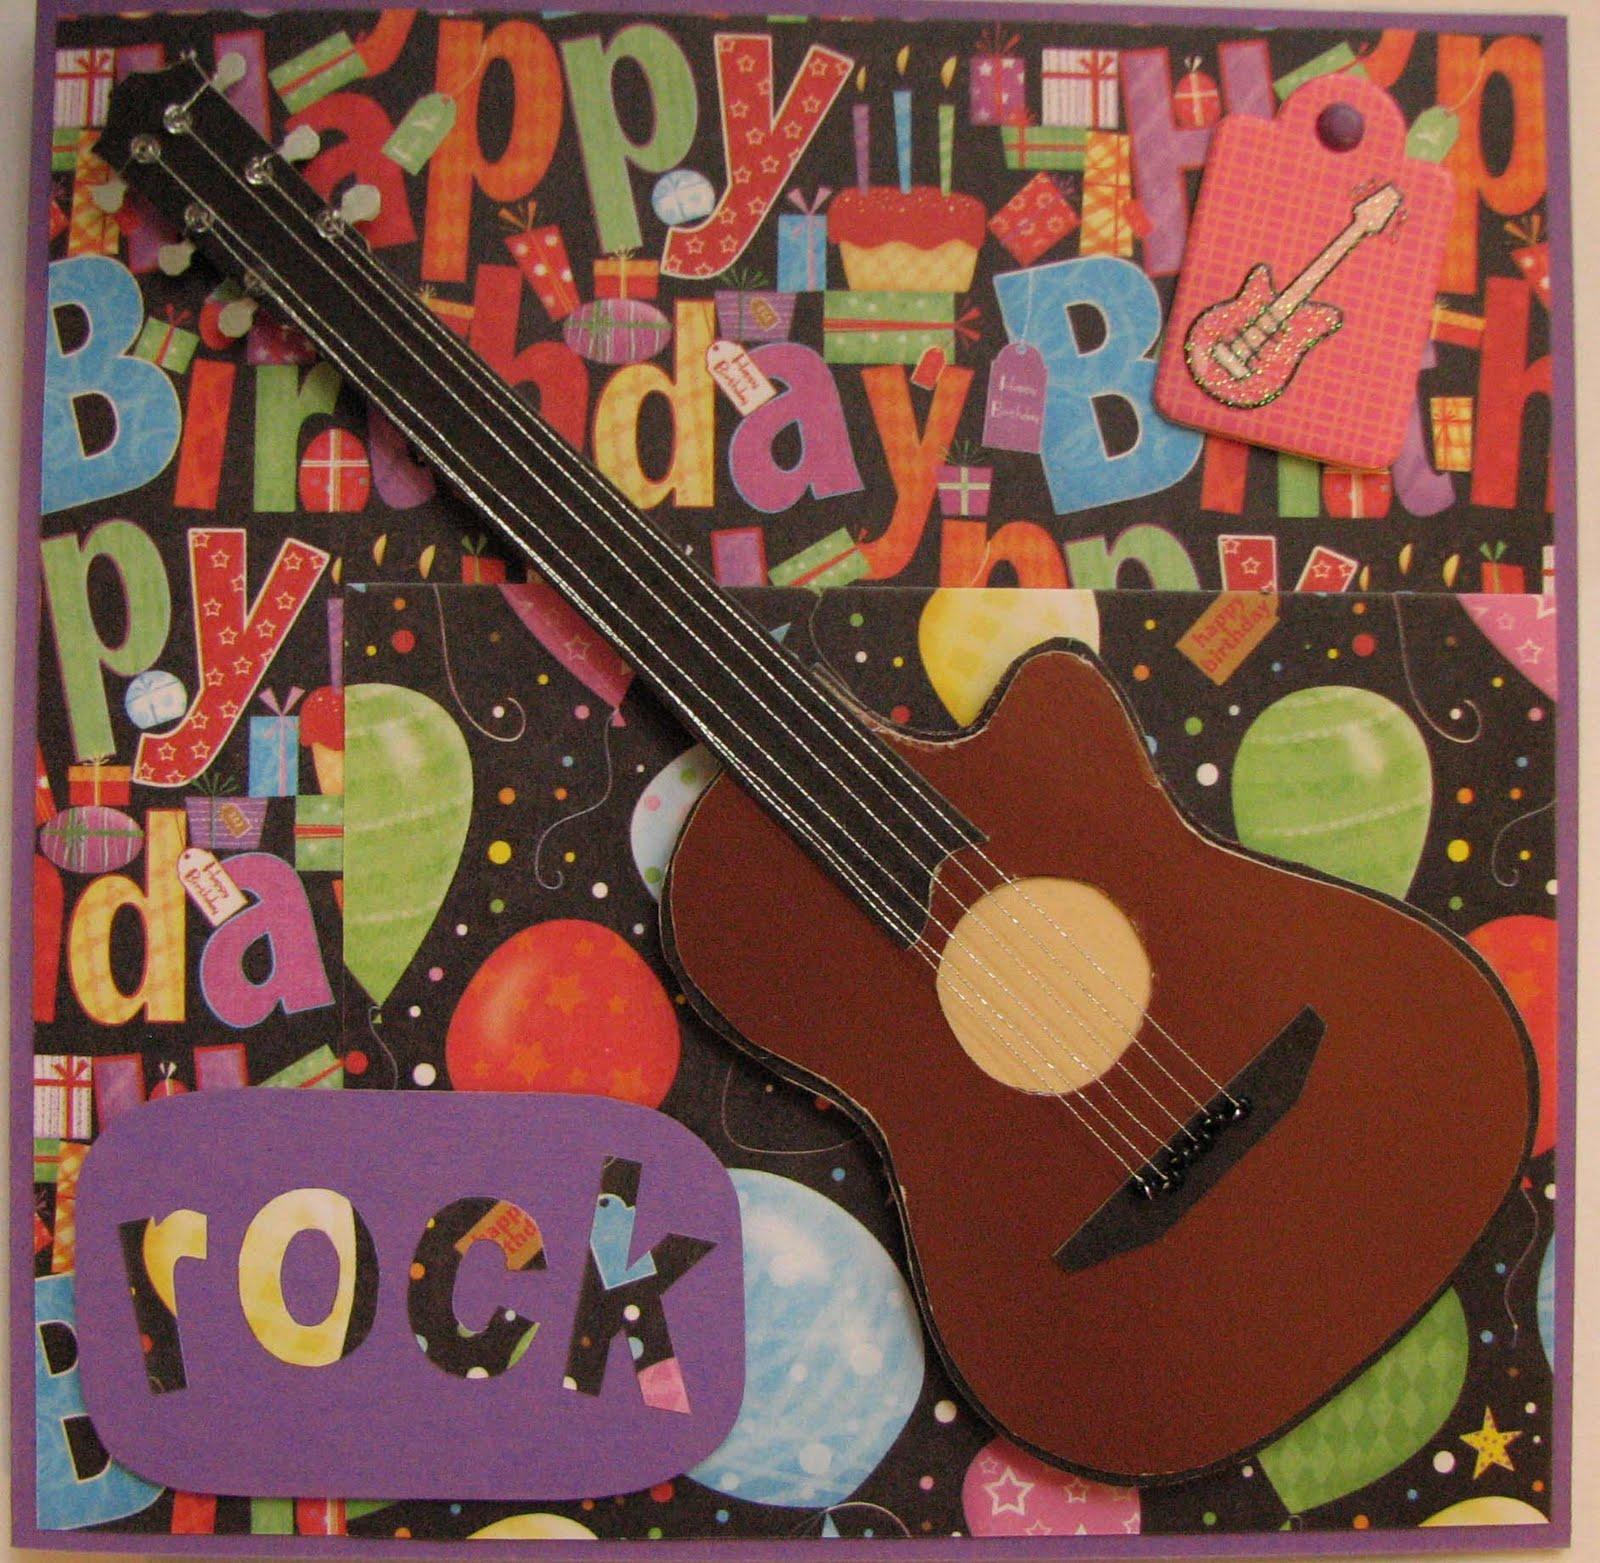 житель колымы пожелания на день рождения гитаристу можно использовать